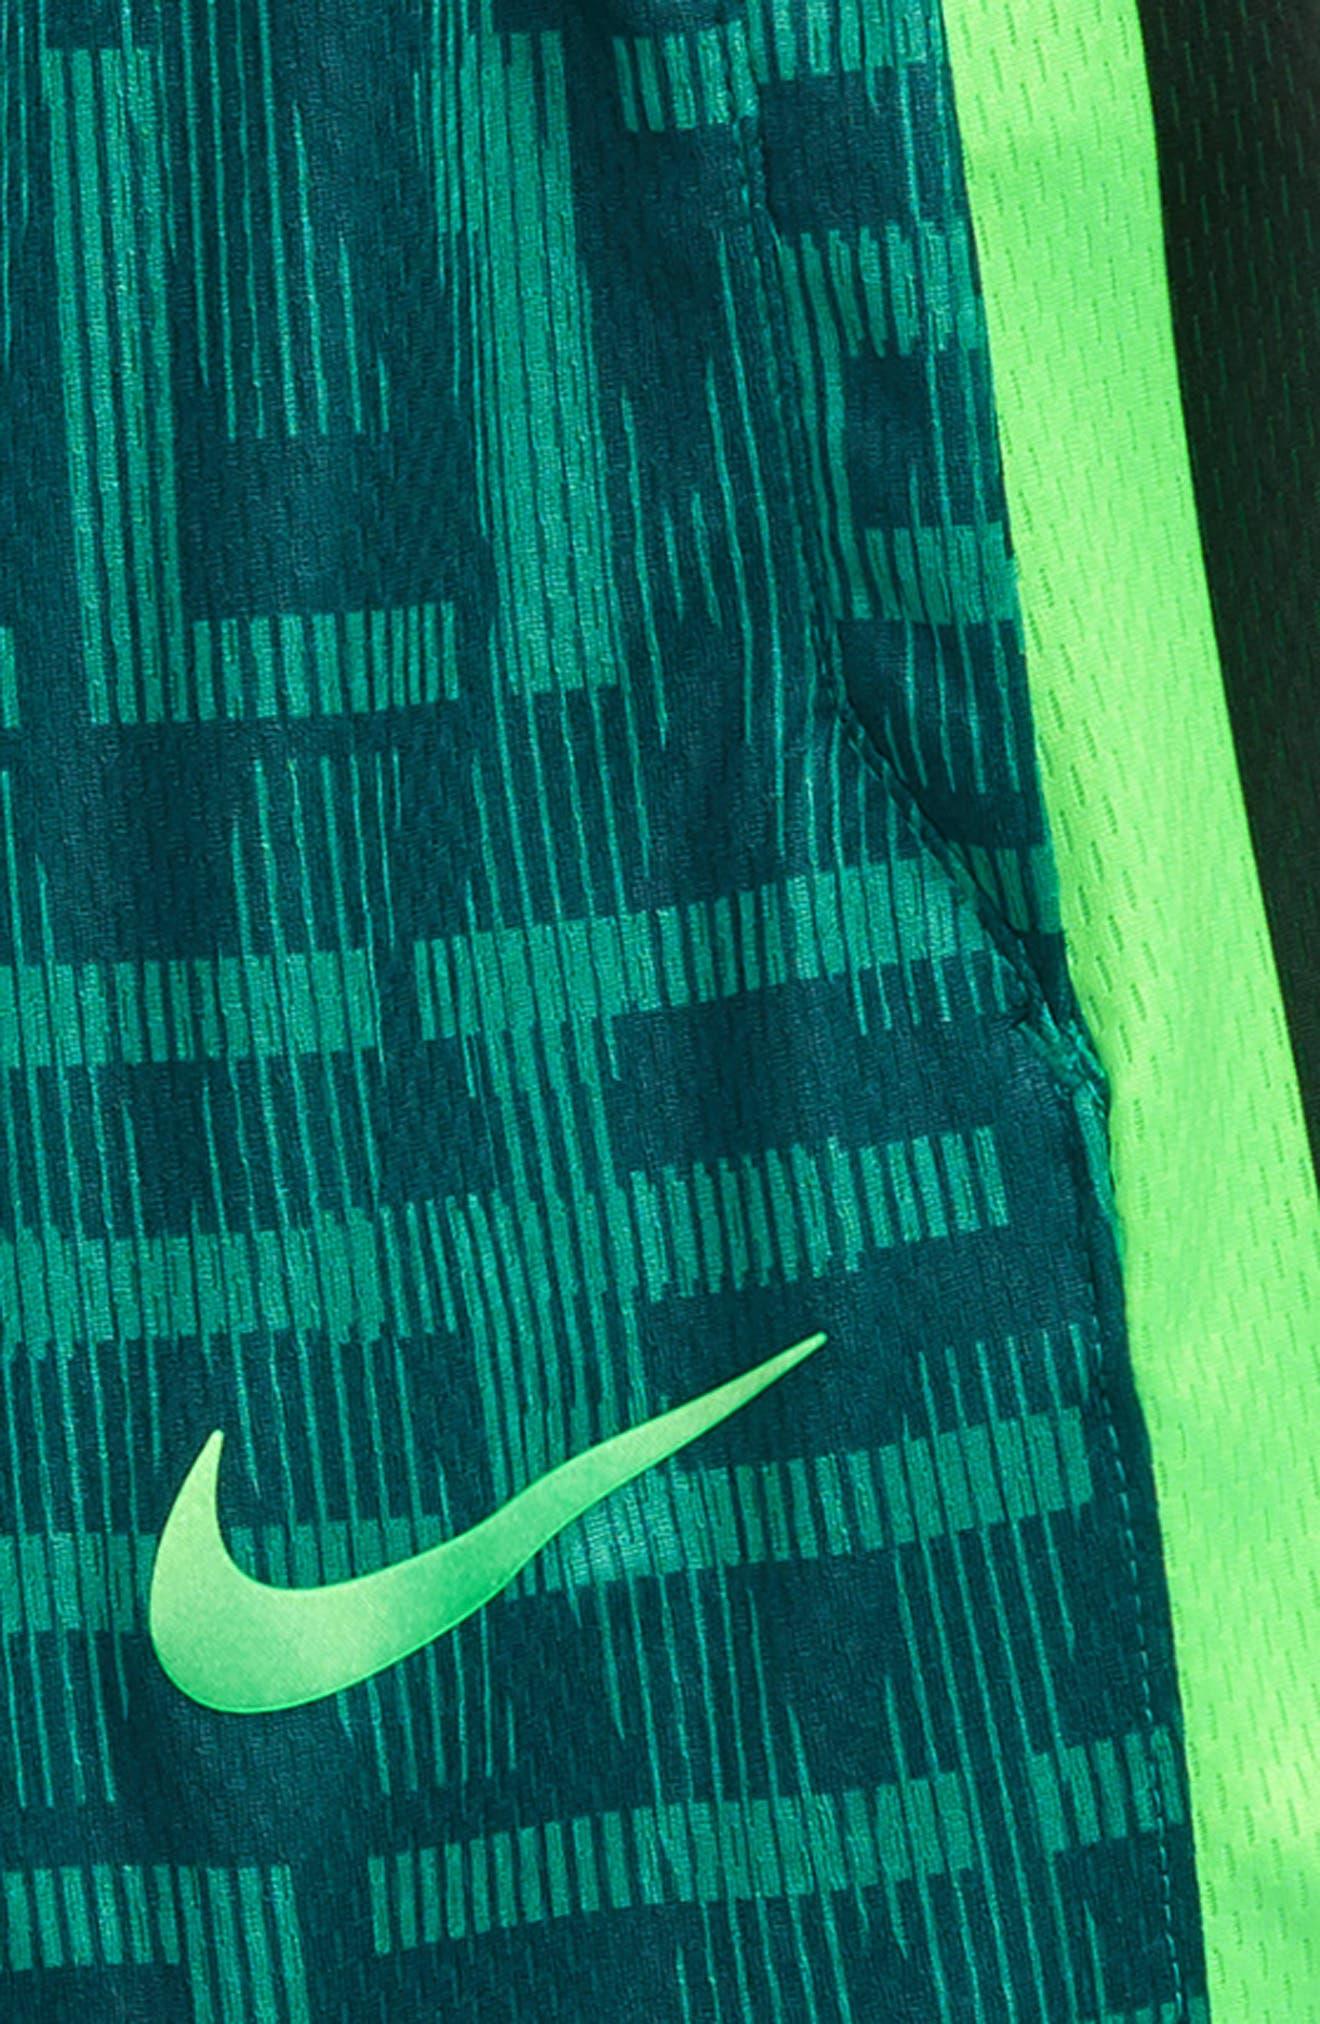 Dry Elite Basketball Shorts,                             Alternate thumbnail 2, color,                             Green Noise/ Black